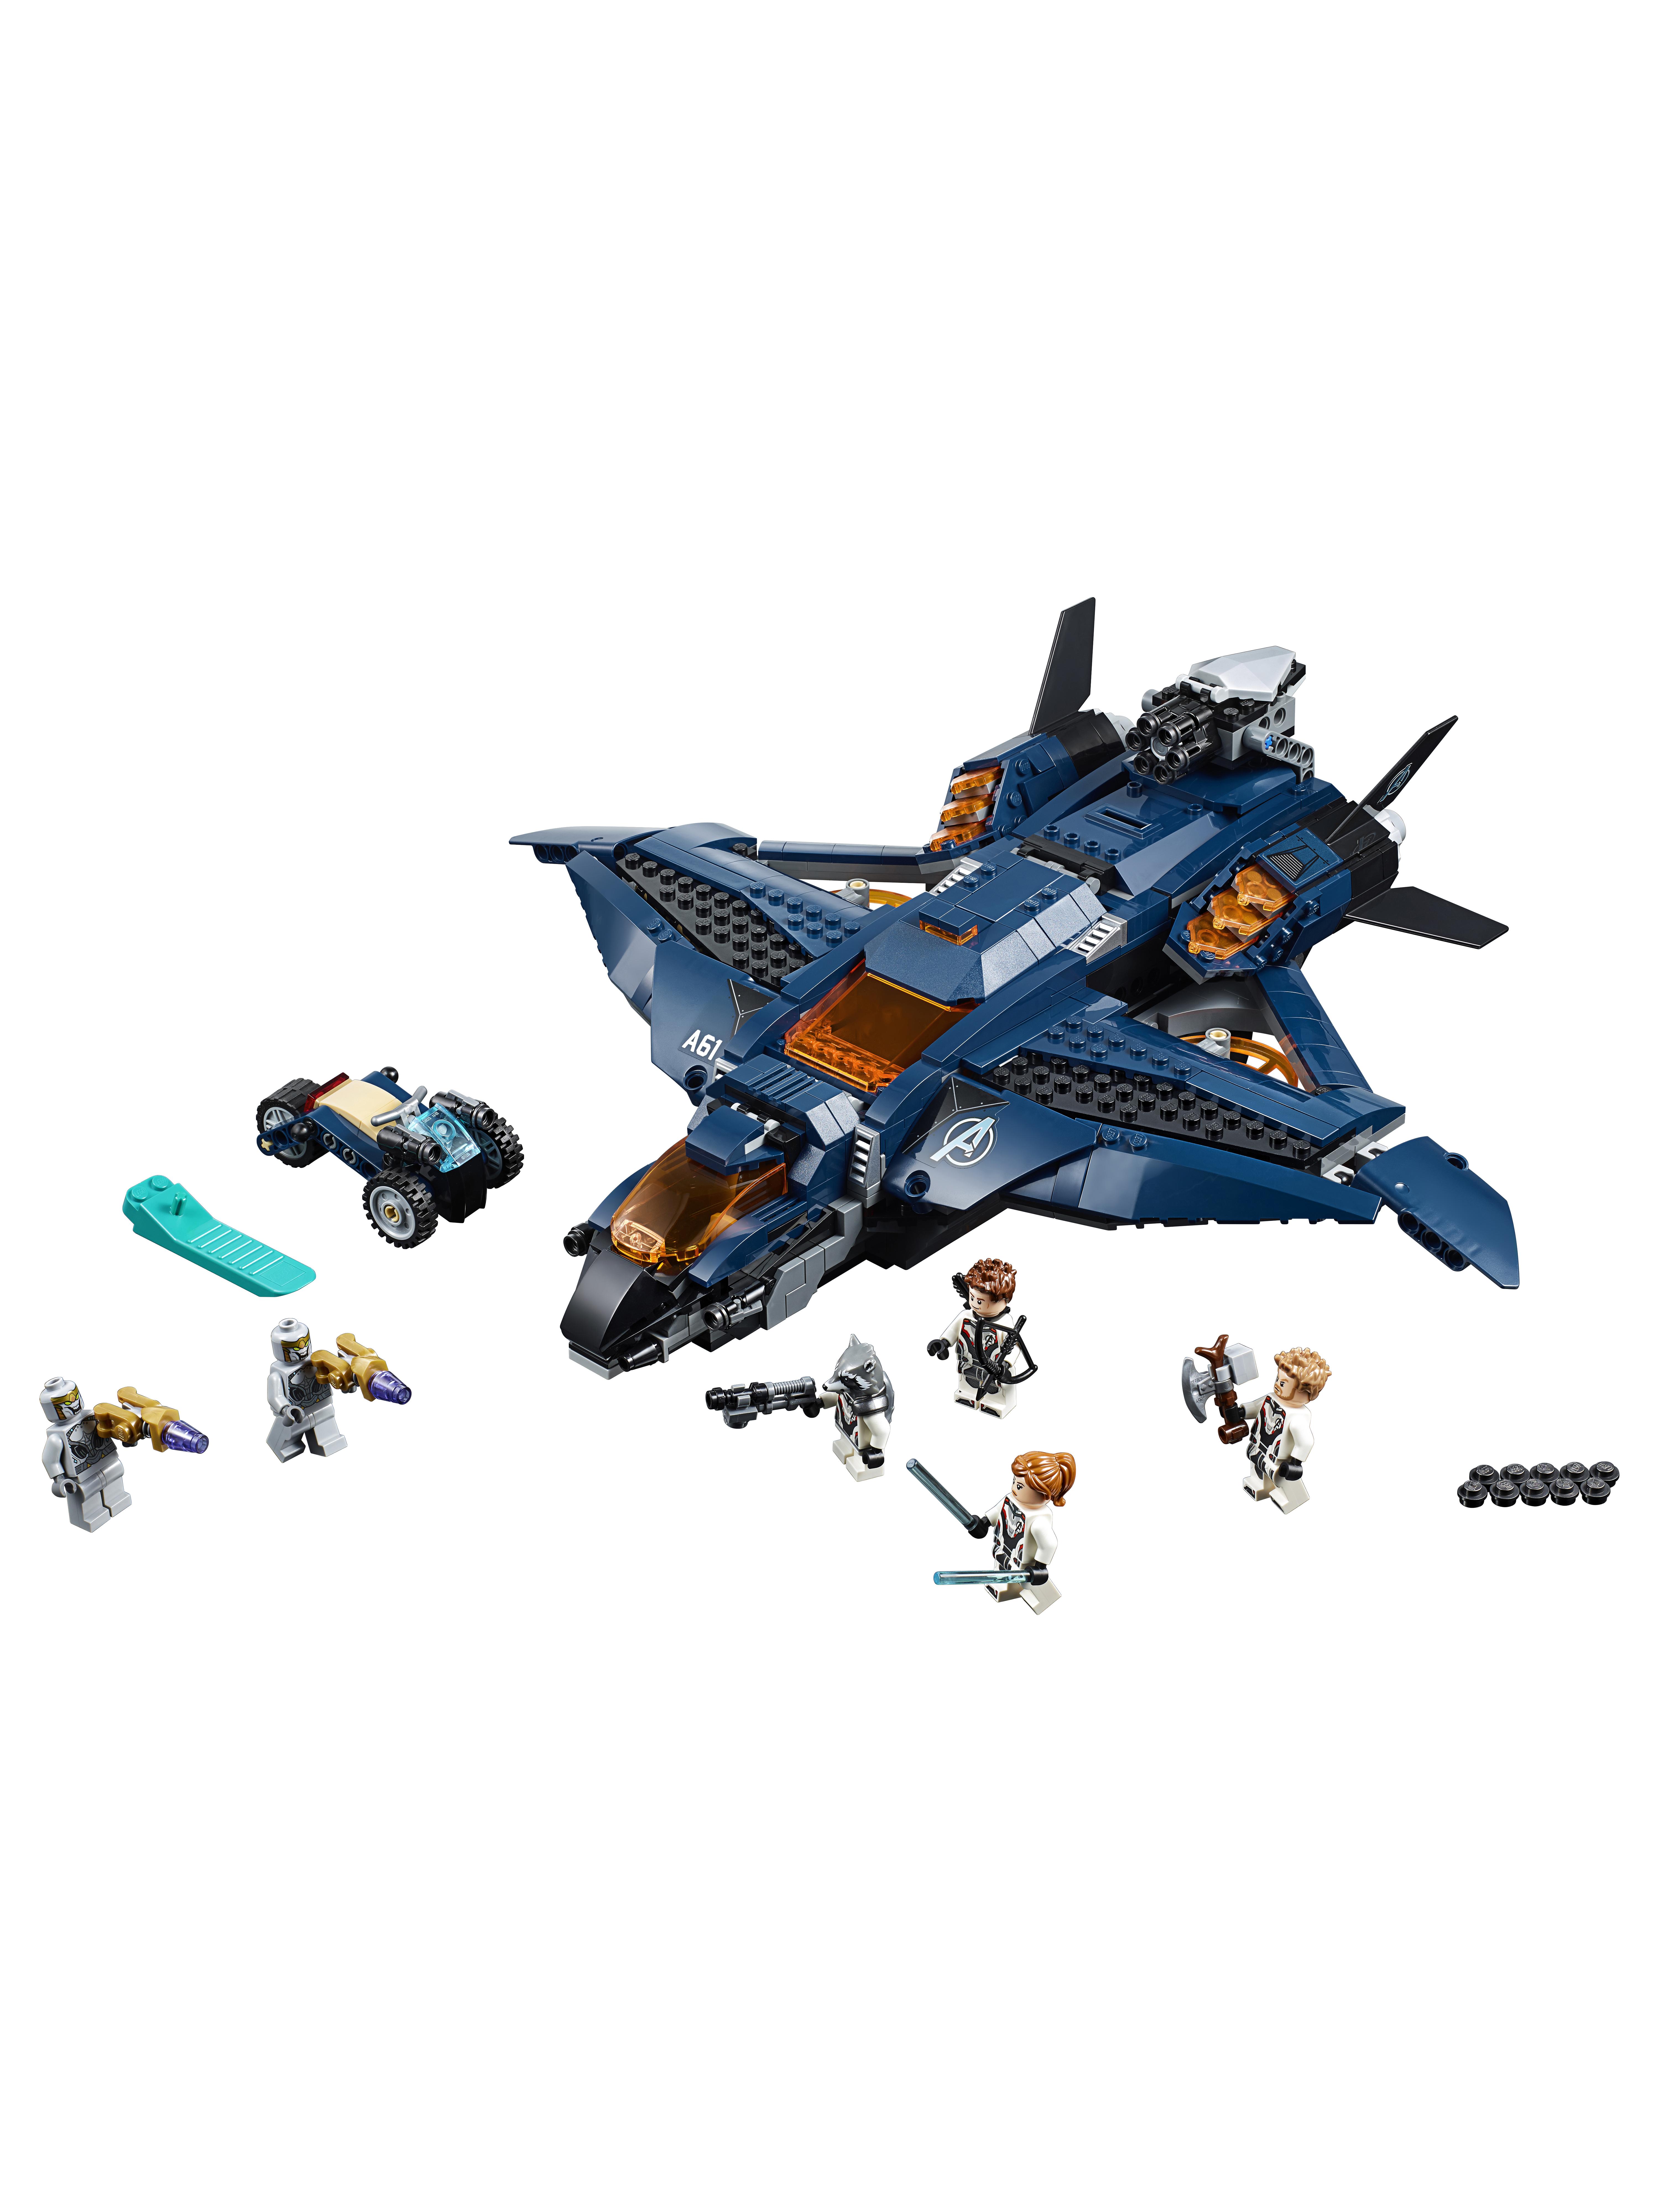 Конструктор LEGO Marvel Super Heroes 76126 Модернизированный квинджет Мстителей фото